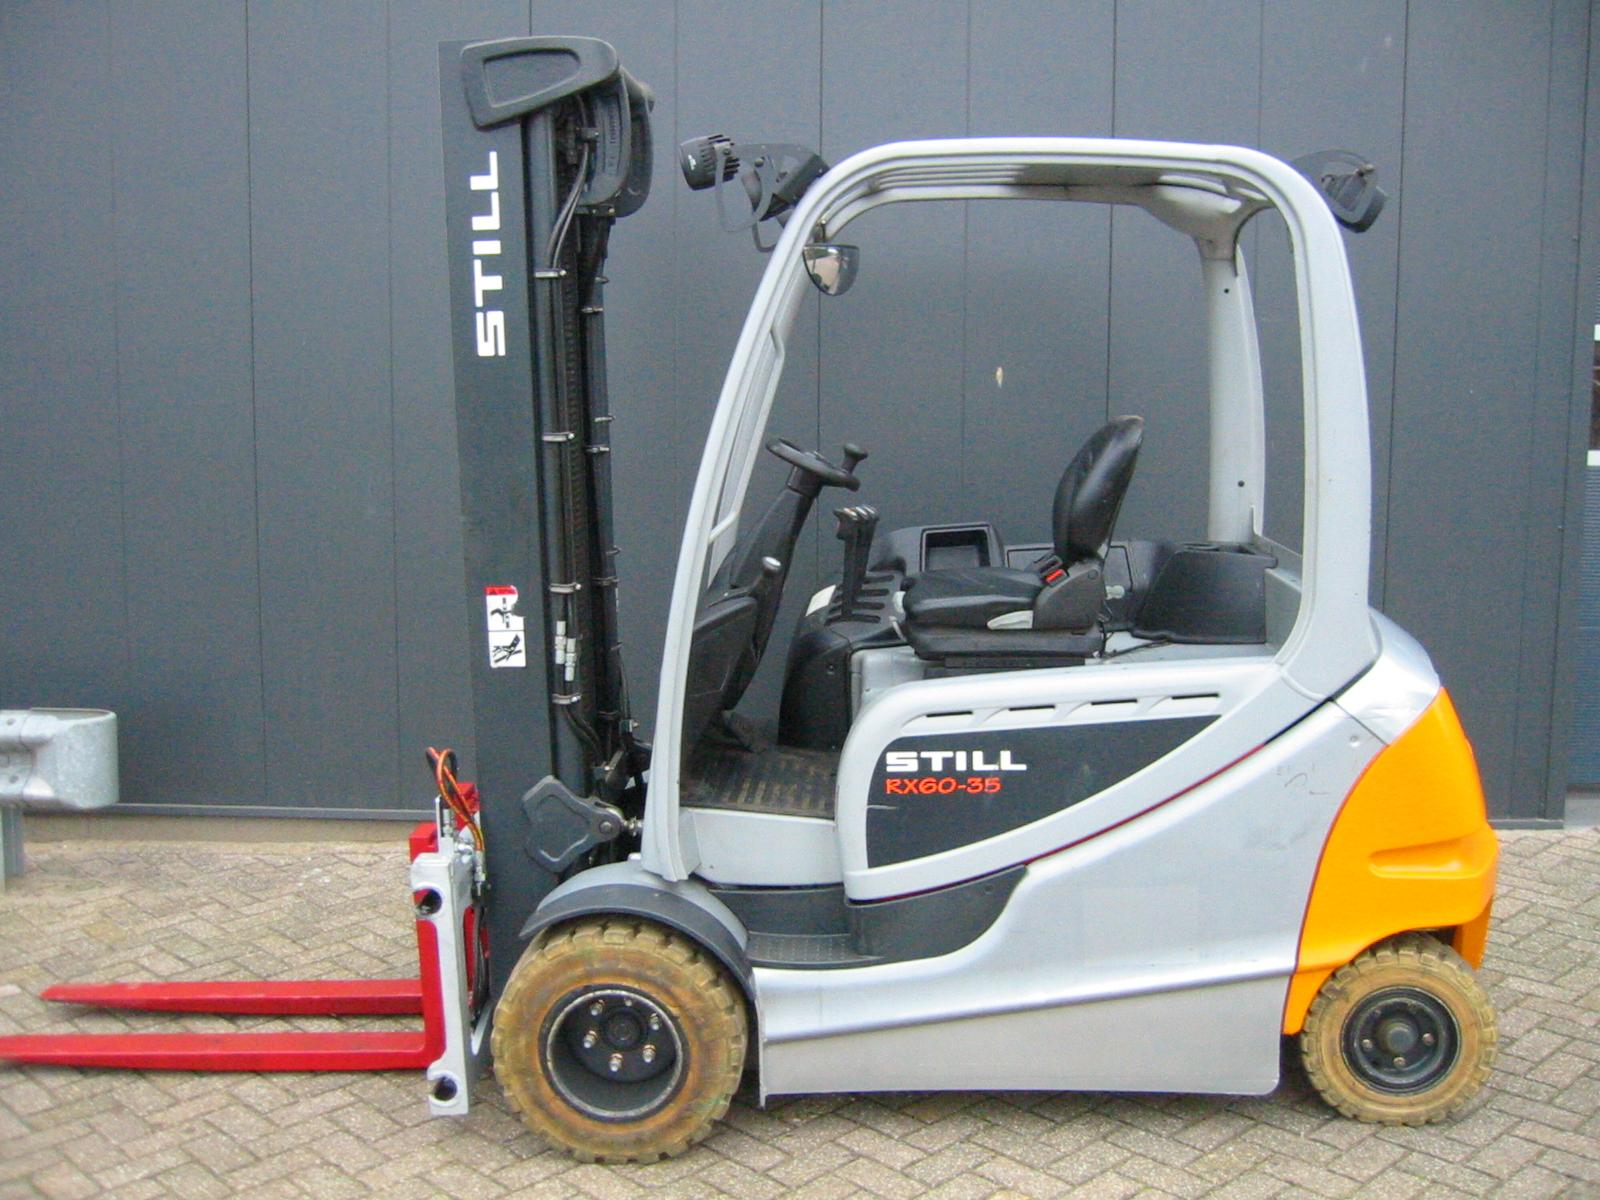 STILL RX 60-35